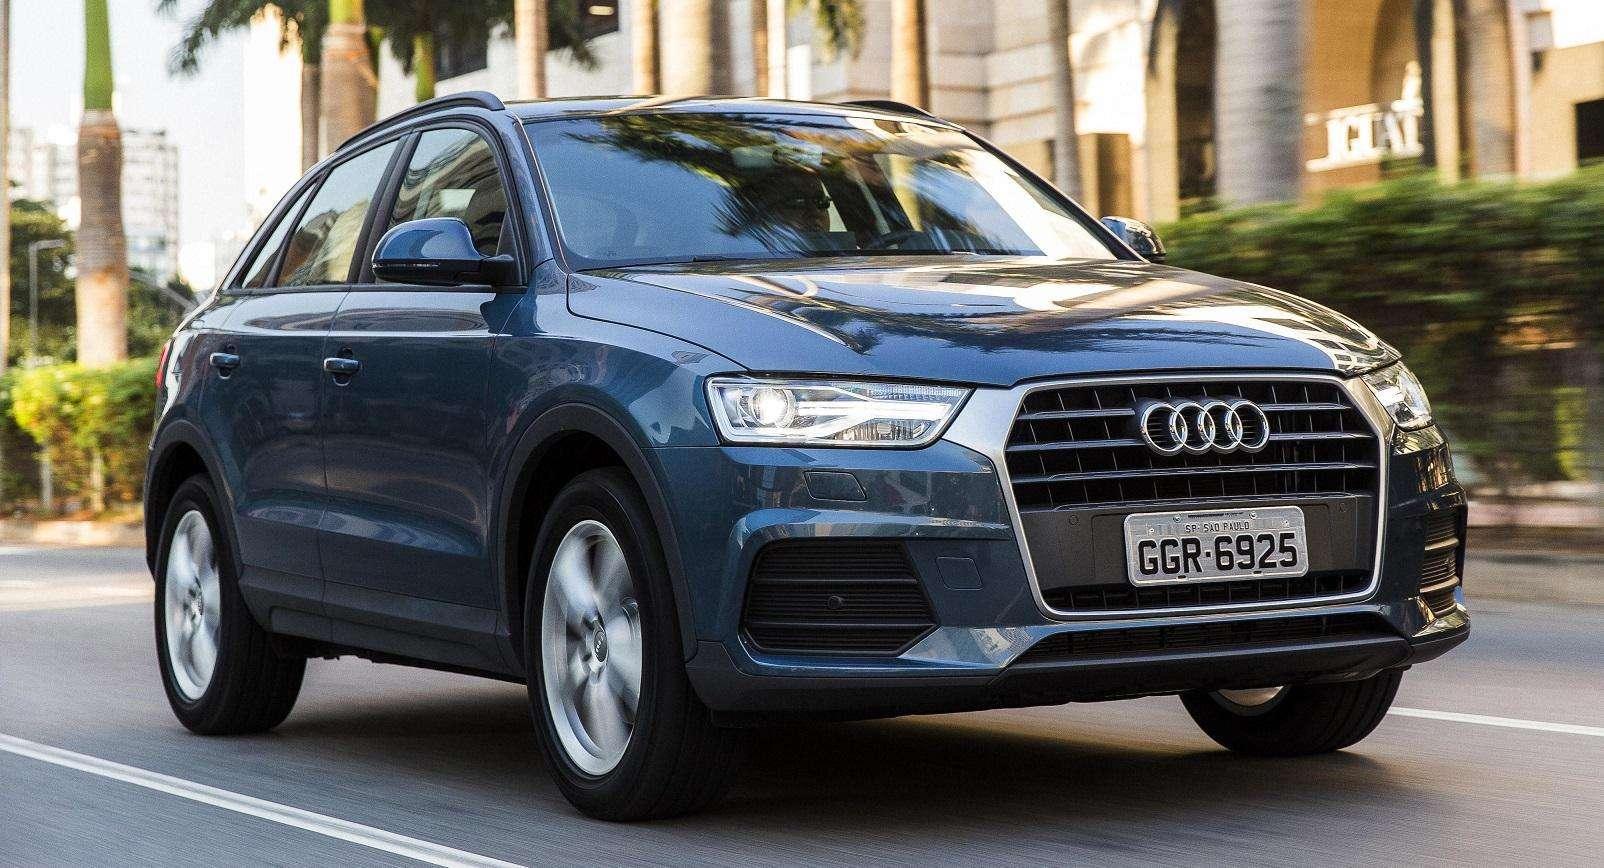 Audi-Q3-7973